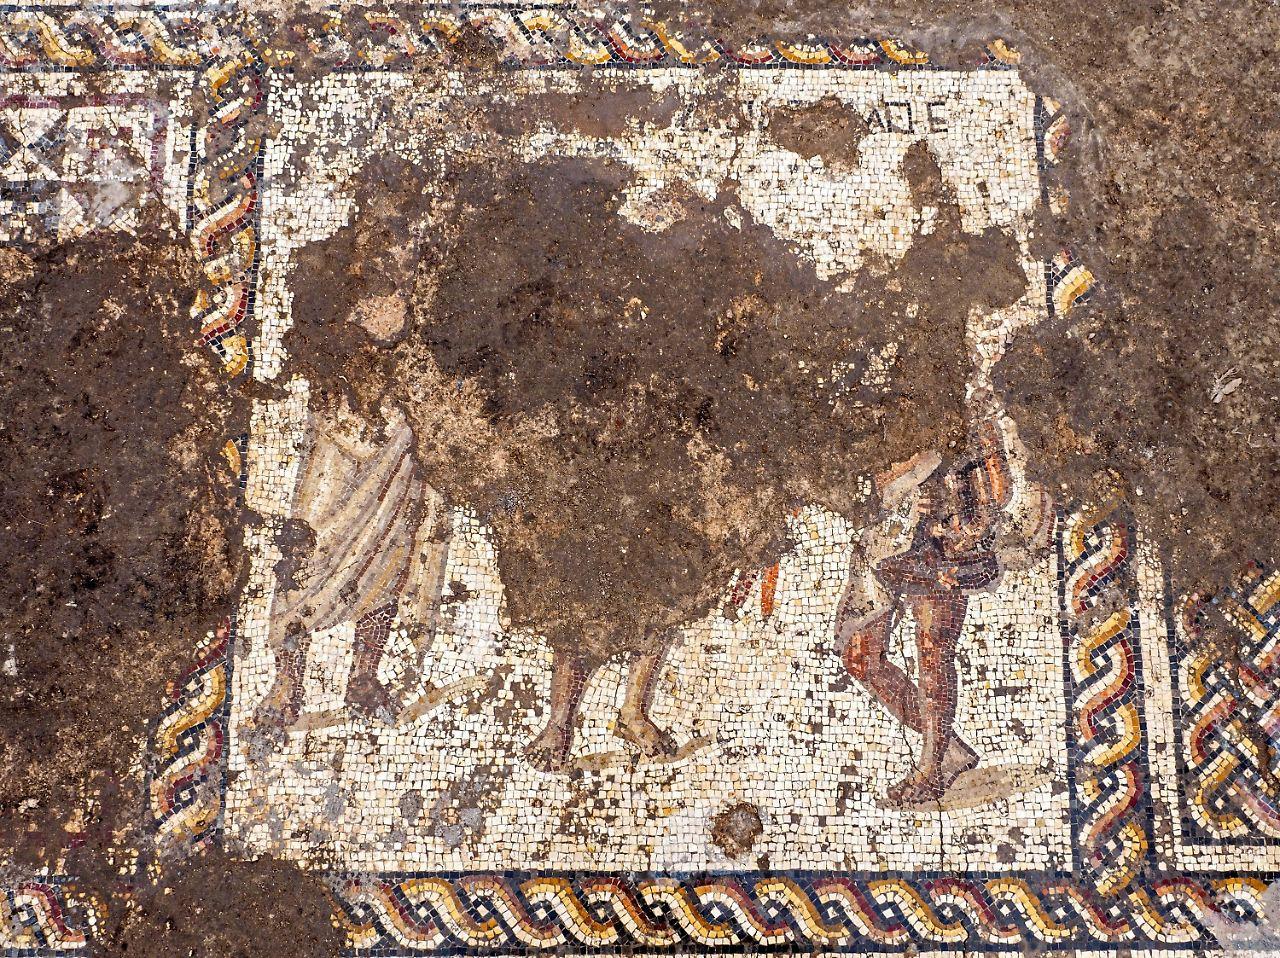 Seltenes Mosaik aus der Römerzeit in Israel entdeckt